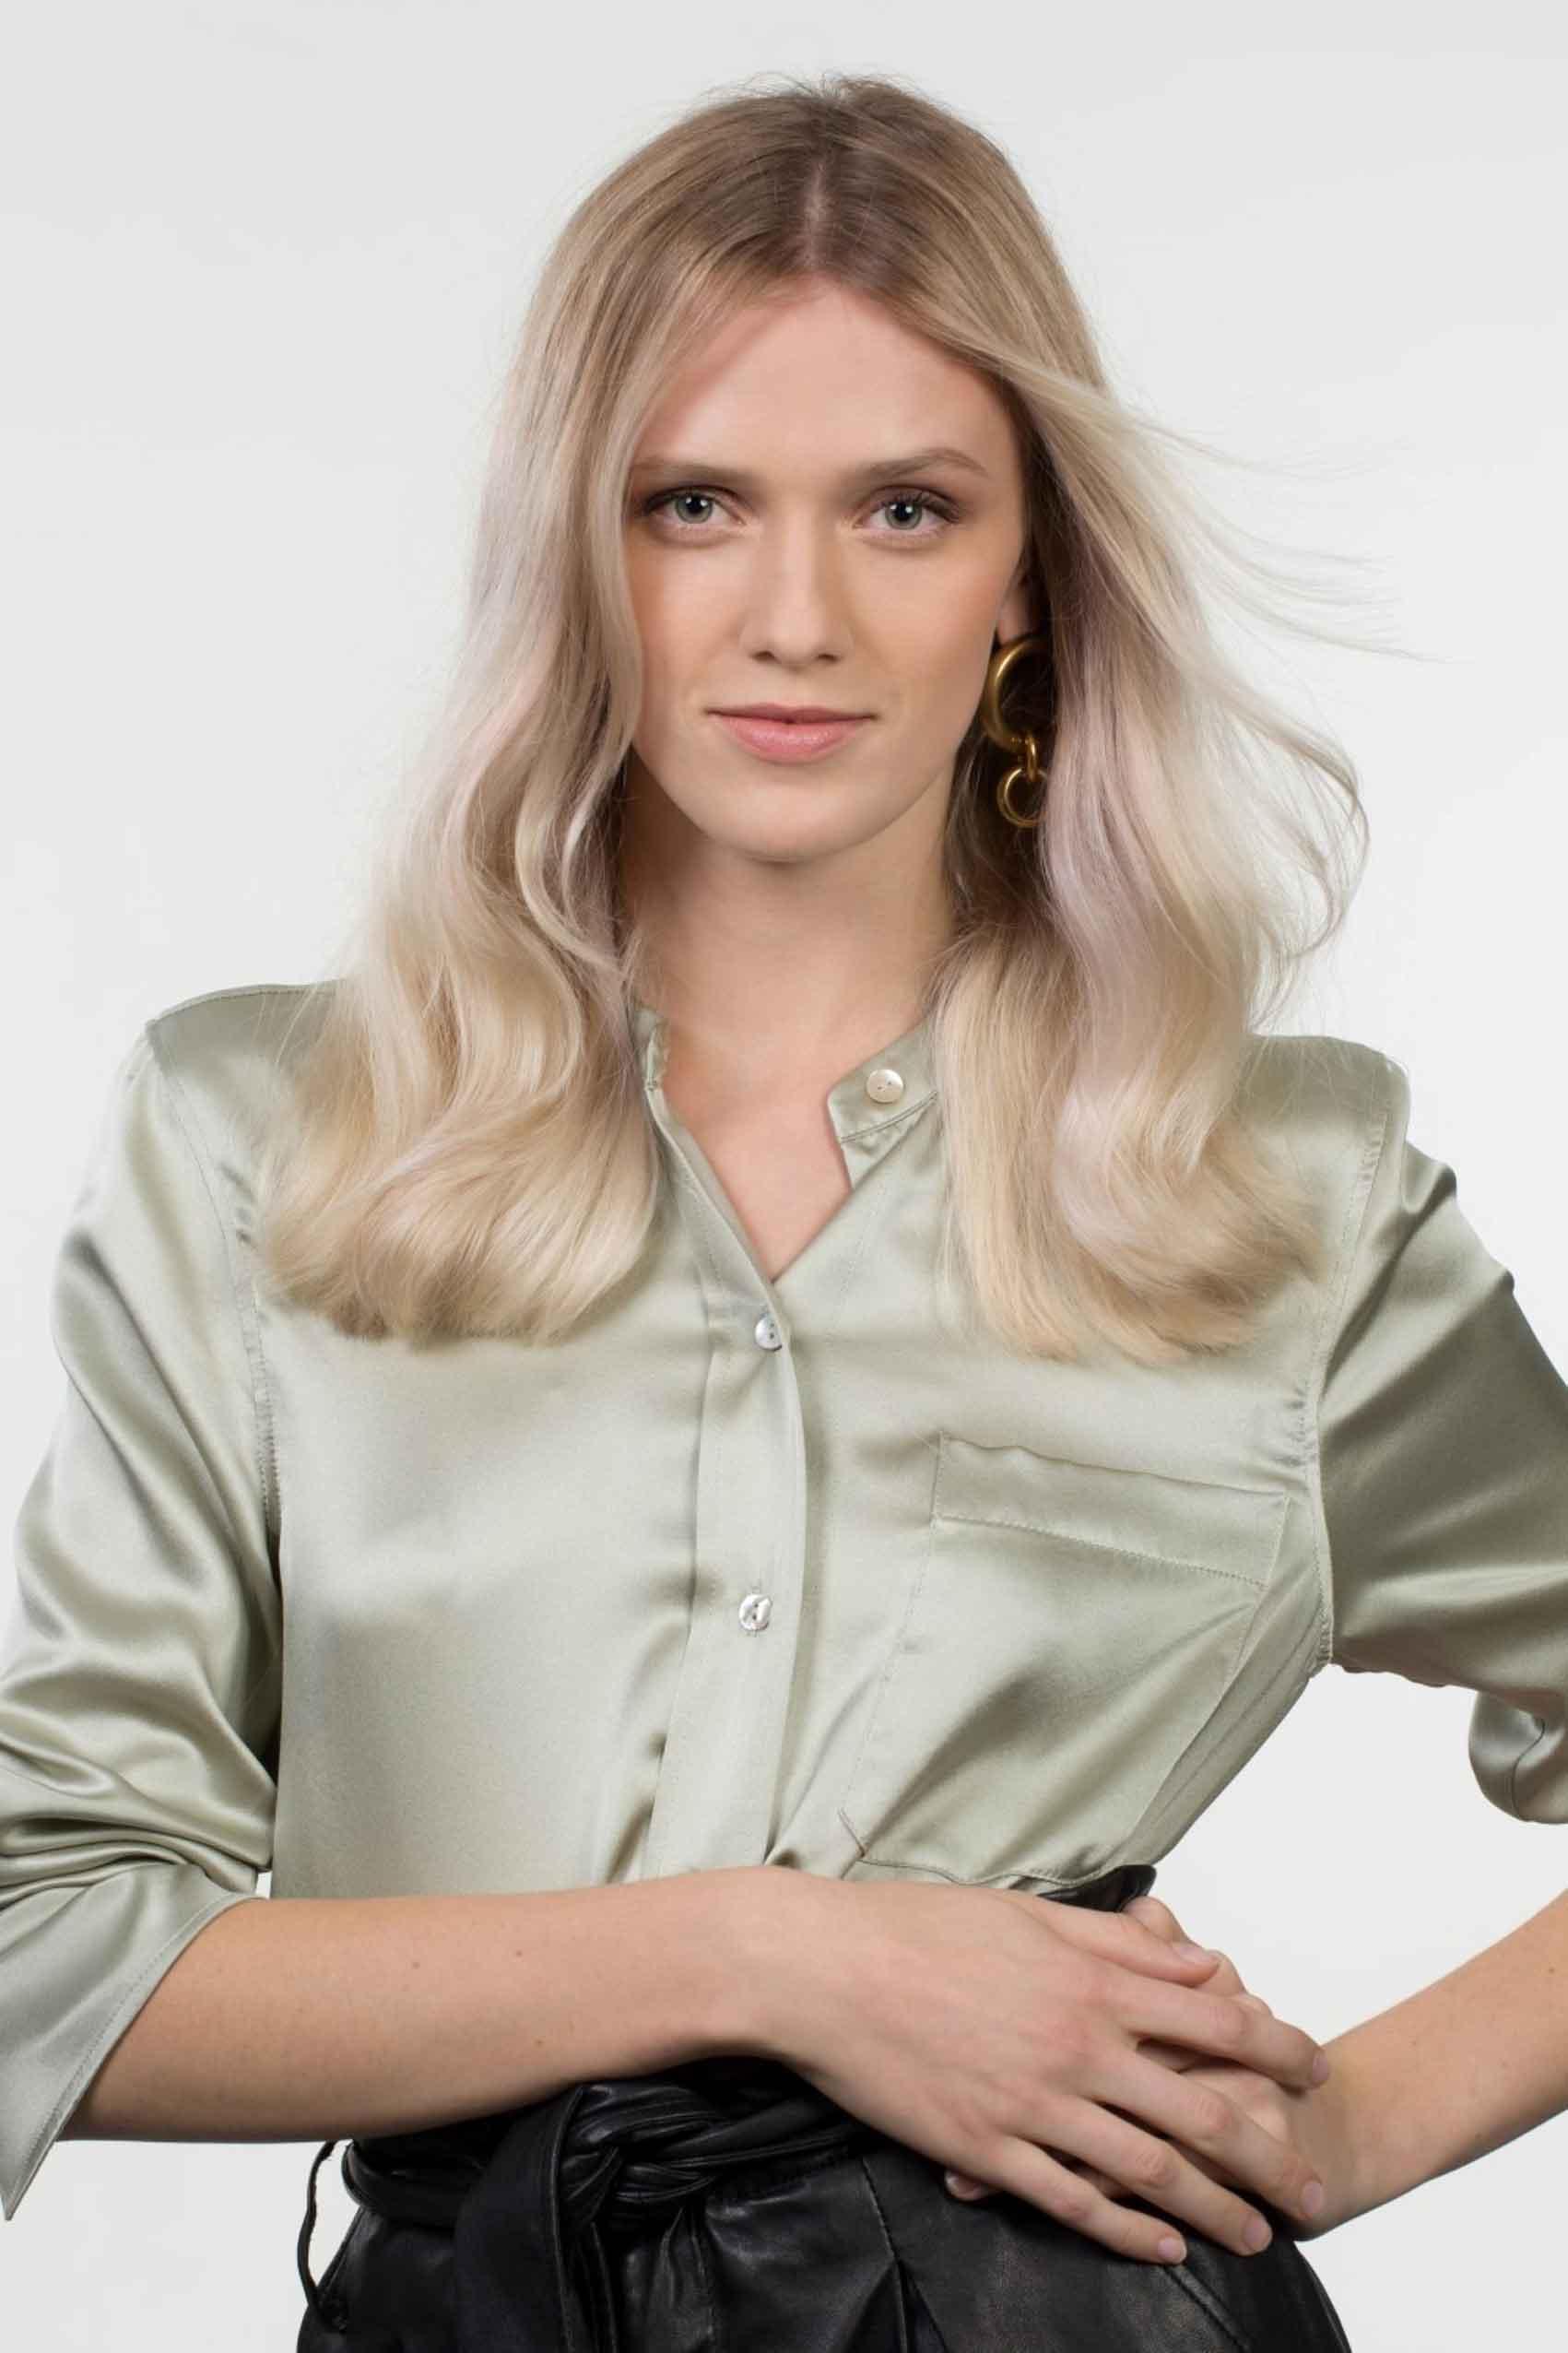 טרנדים-בעיצוב-שיער-חדשות אופנה